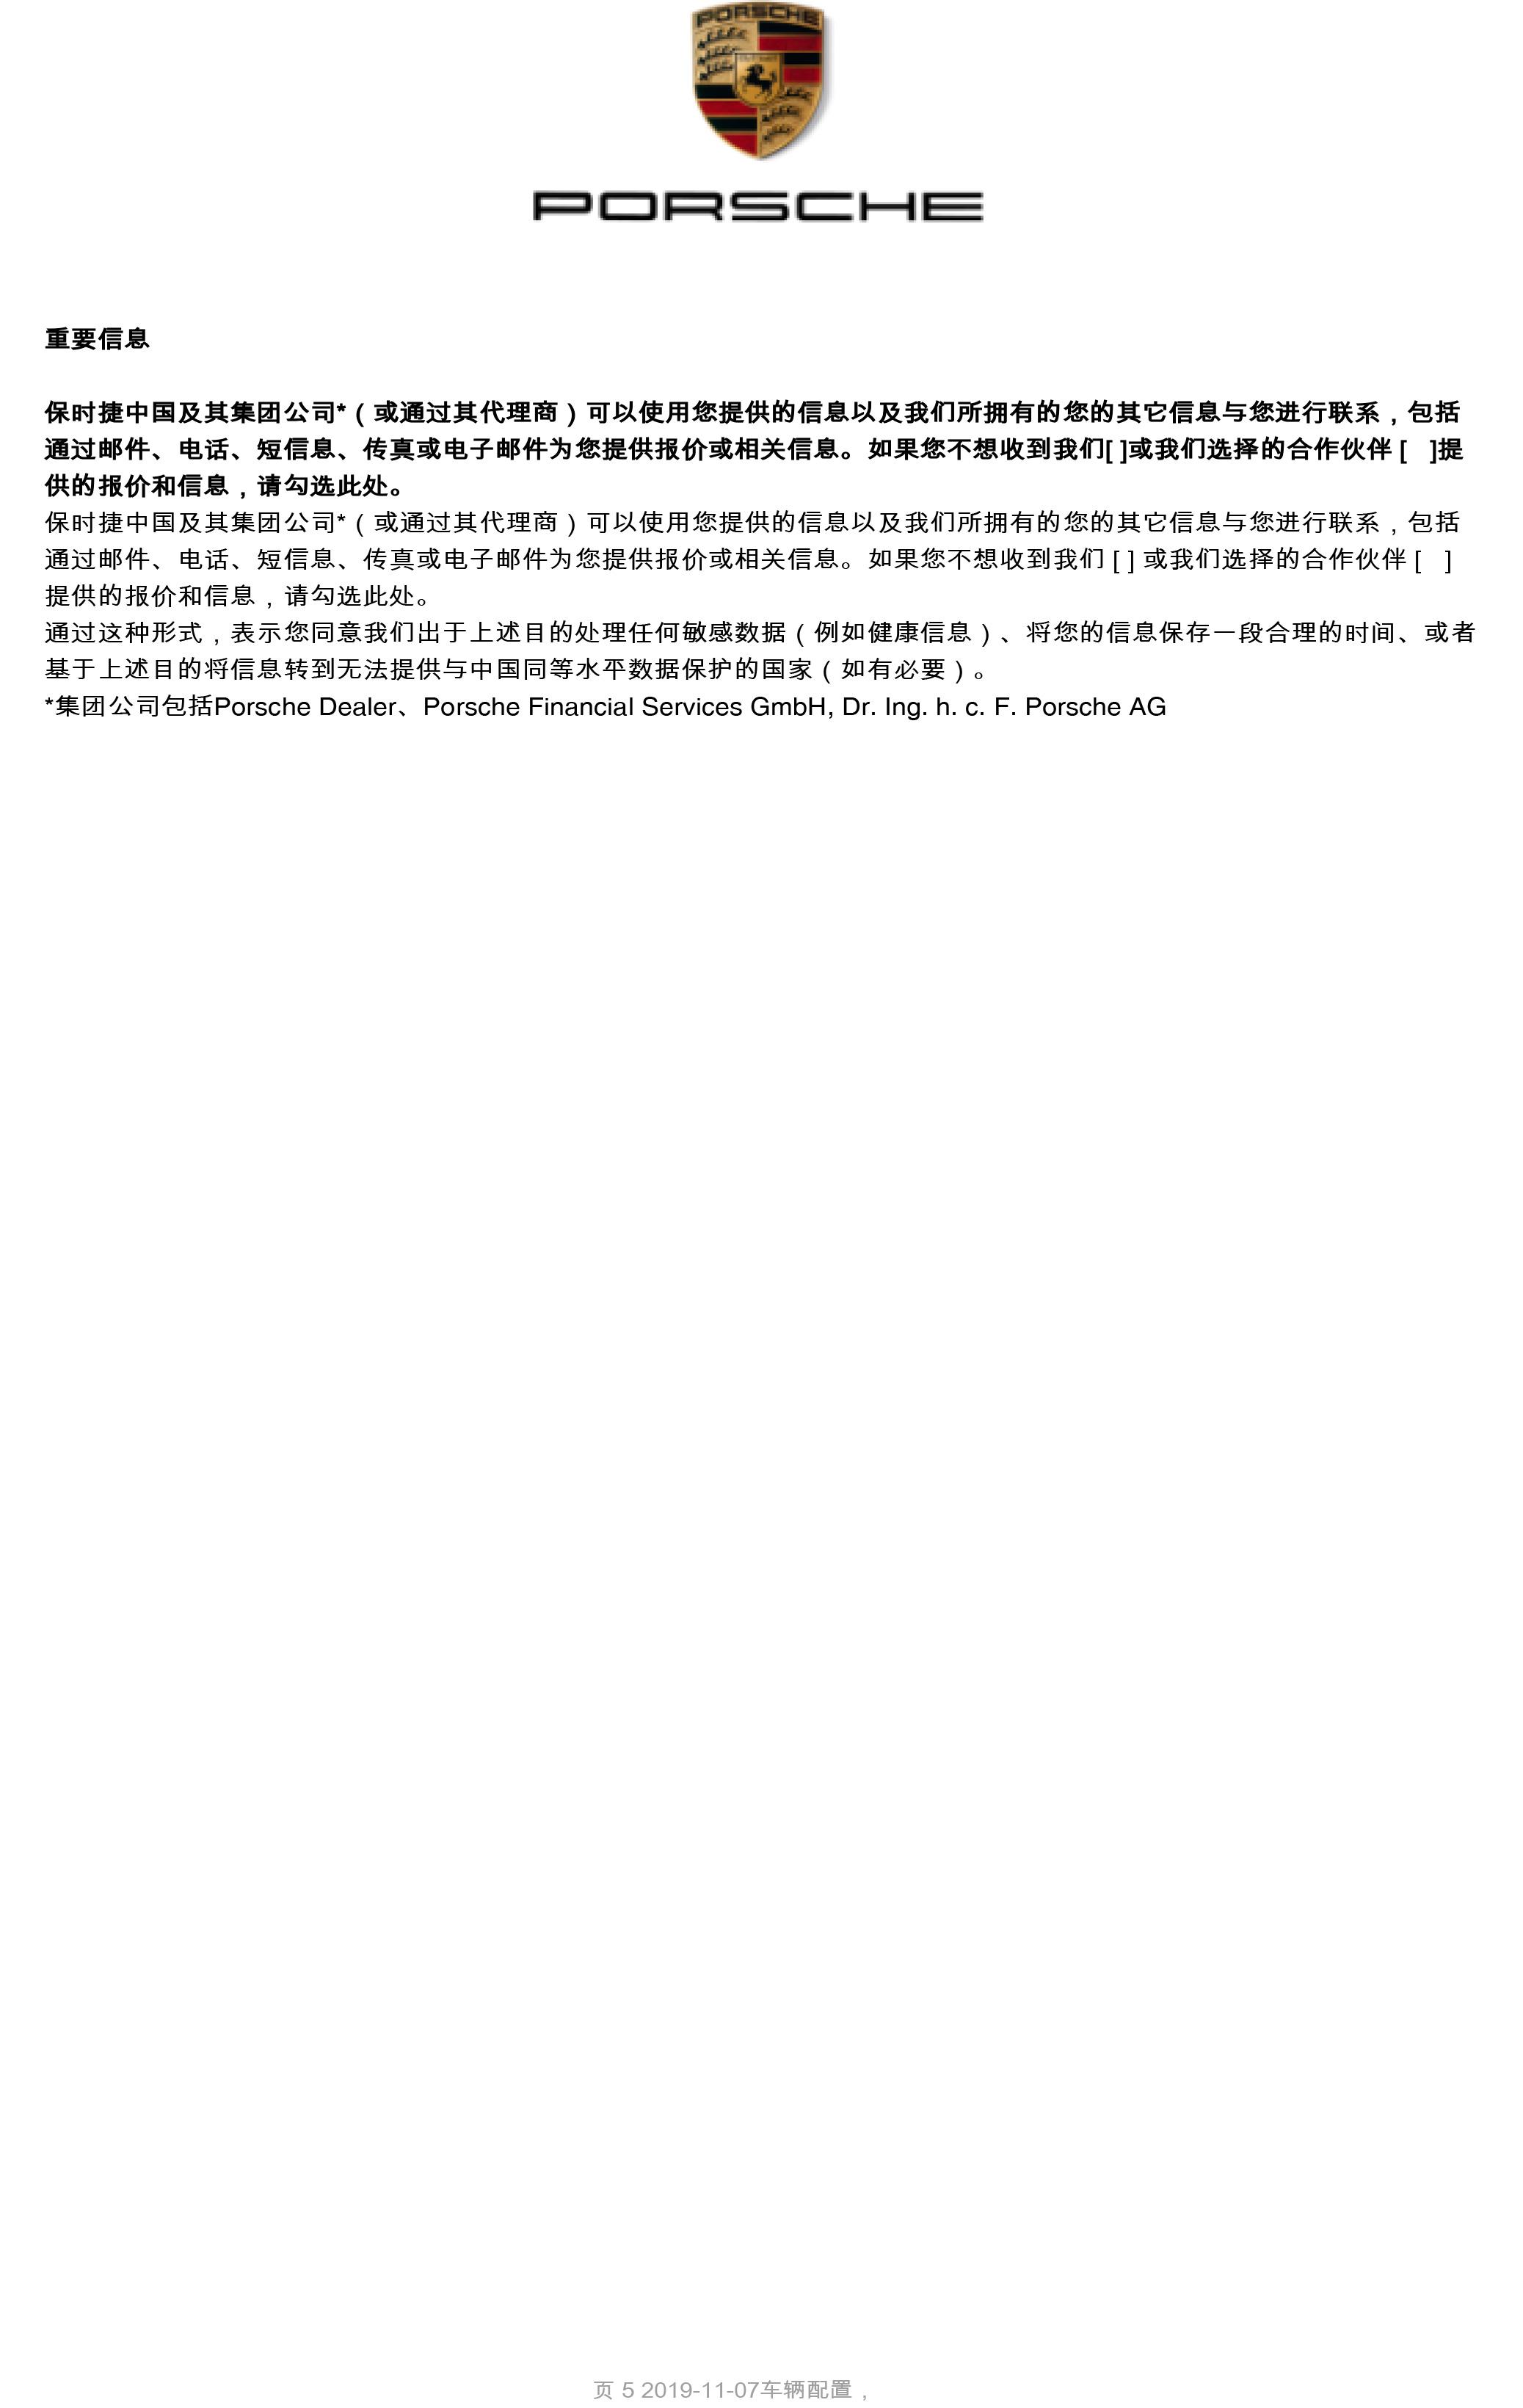 保时捷-Macan-午夜蓝-黑色莫哈韦米-6.jpg